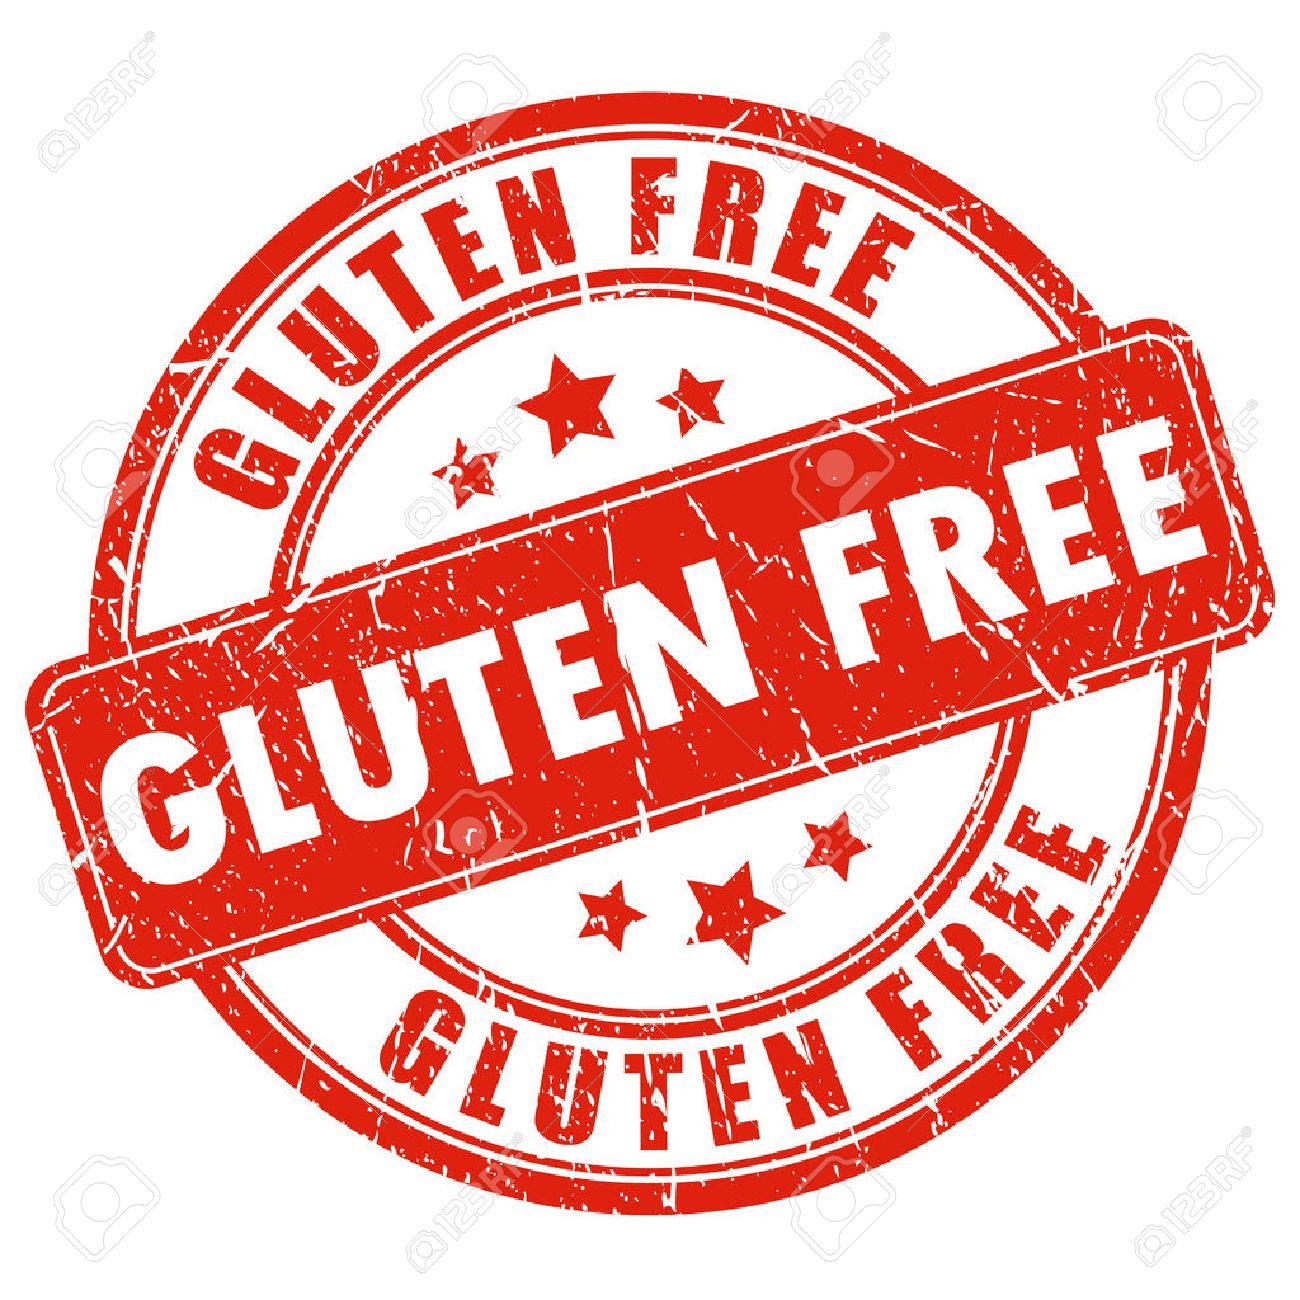 Gluten free stamp.